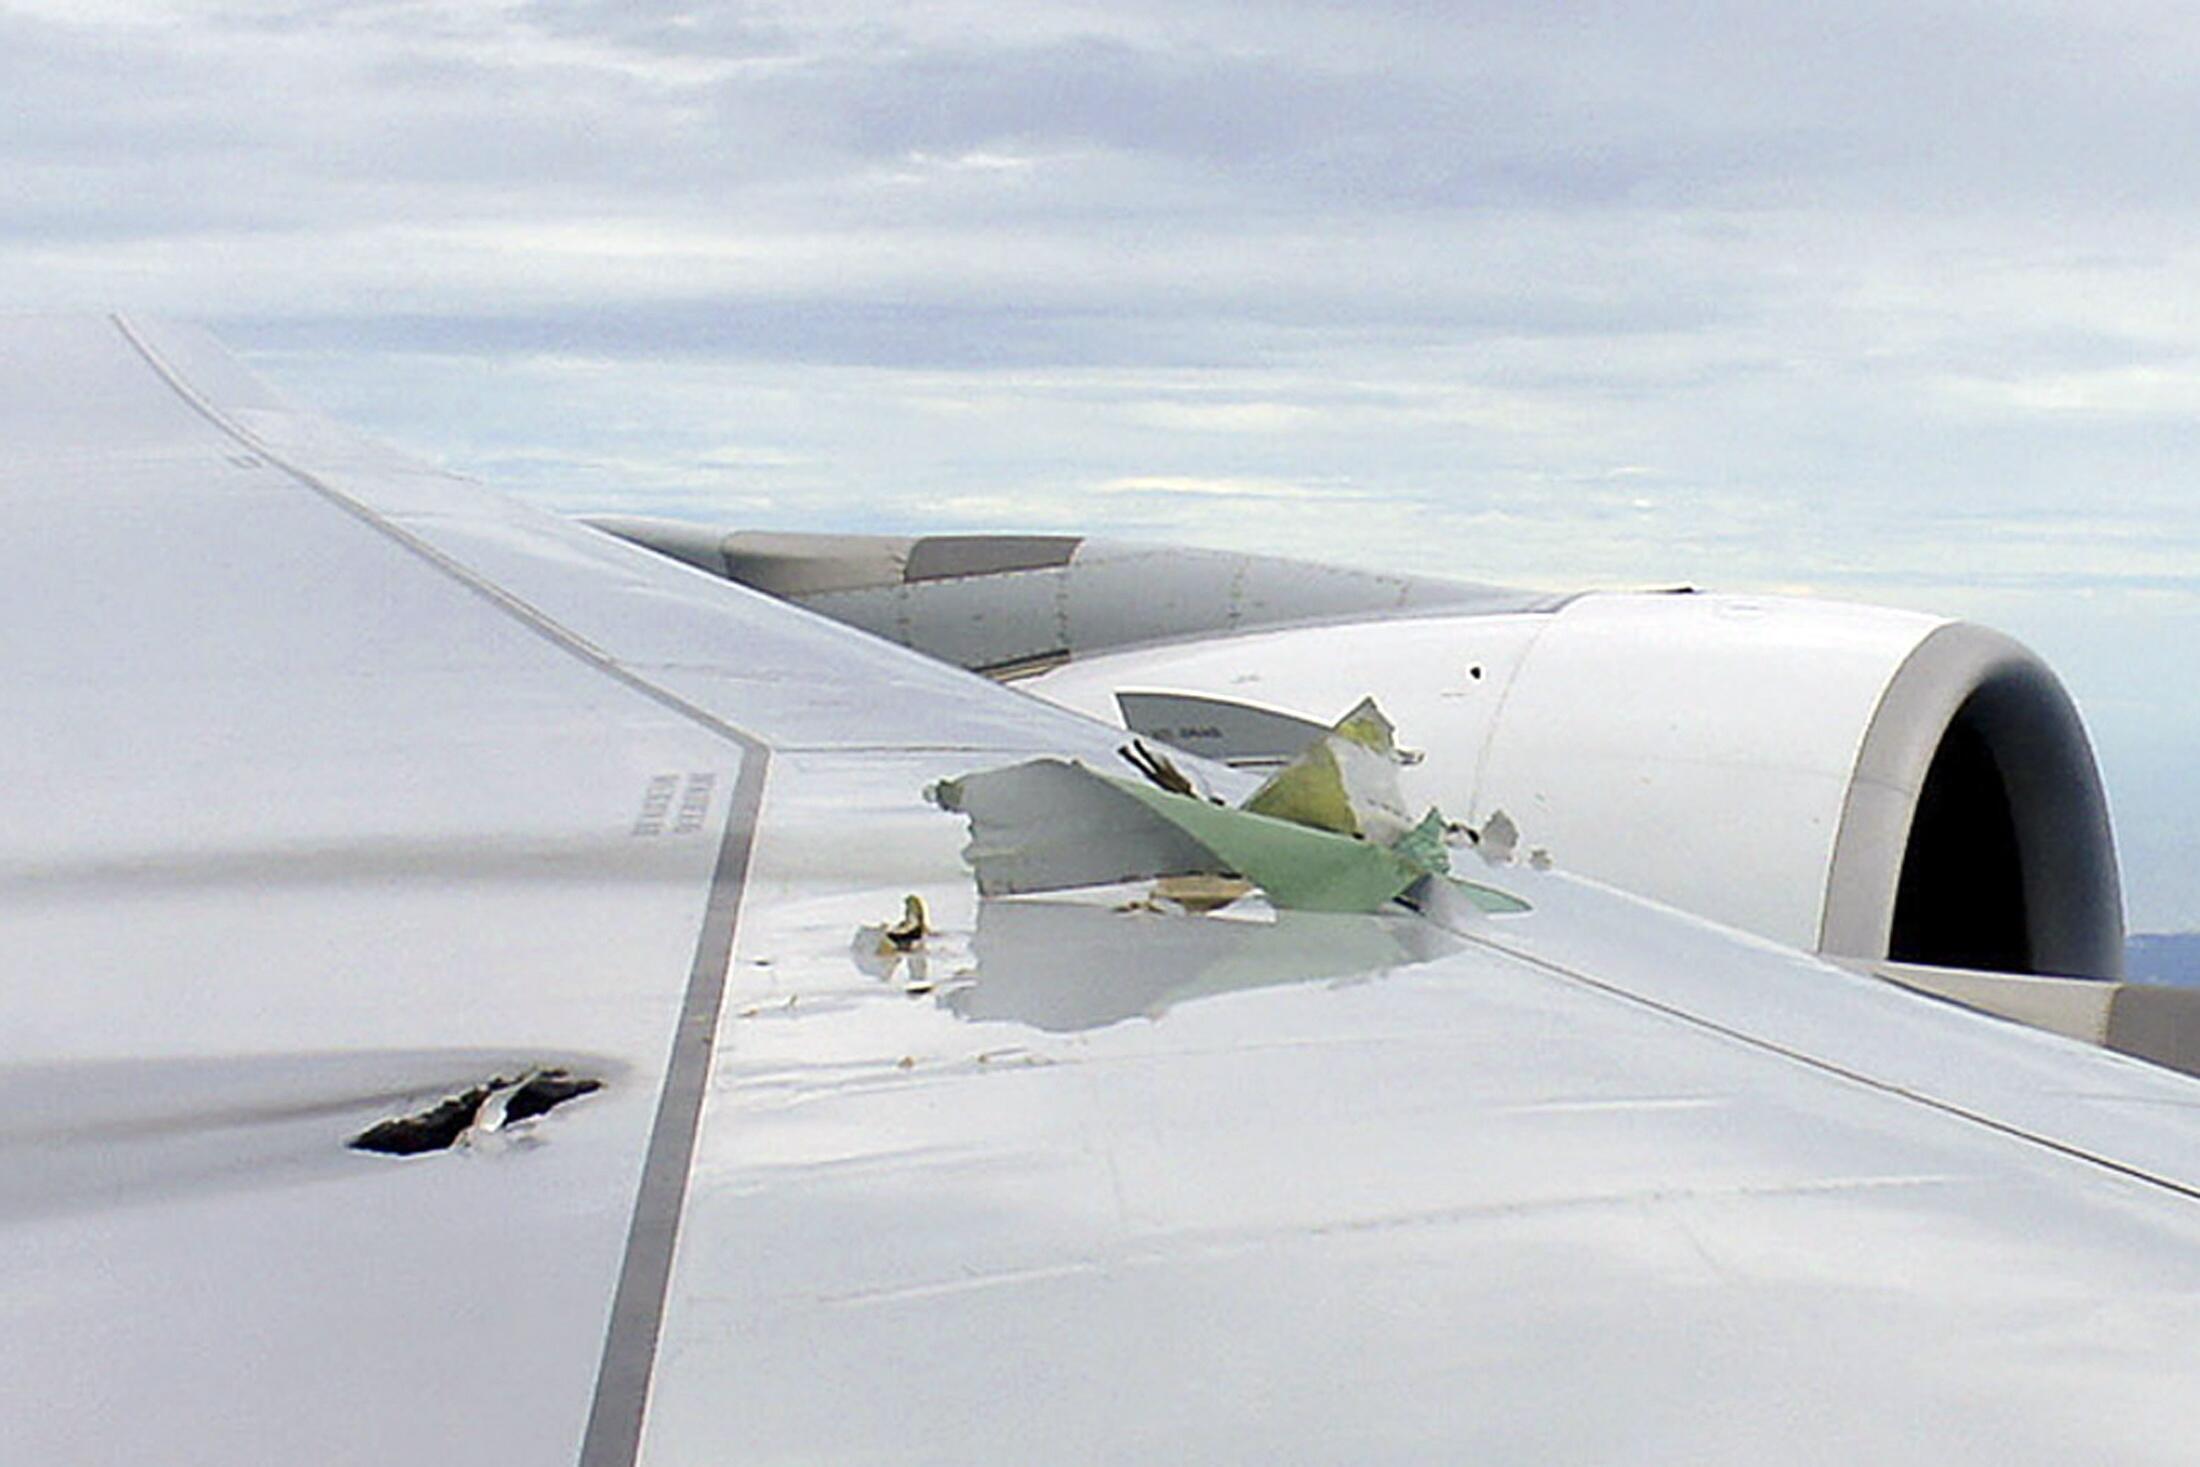 Um aparelho A380 da companhia australiana Qantas realizou um pouso de emergência em Cingapura, depois de apresentar problemas no motor.